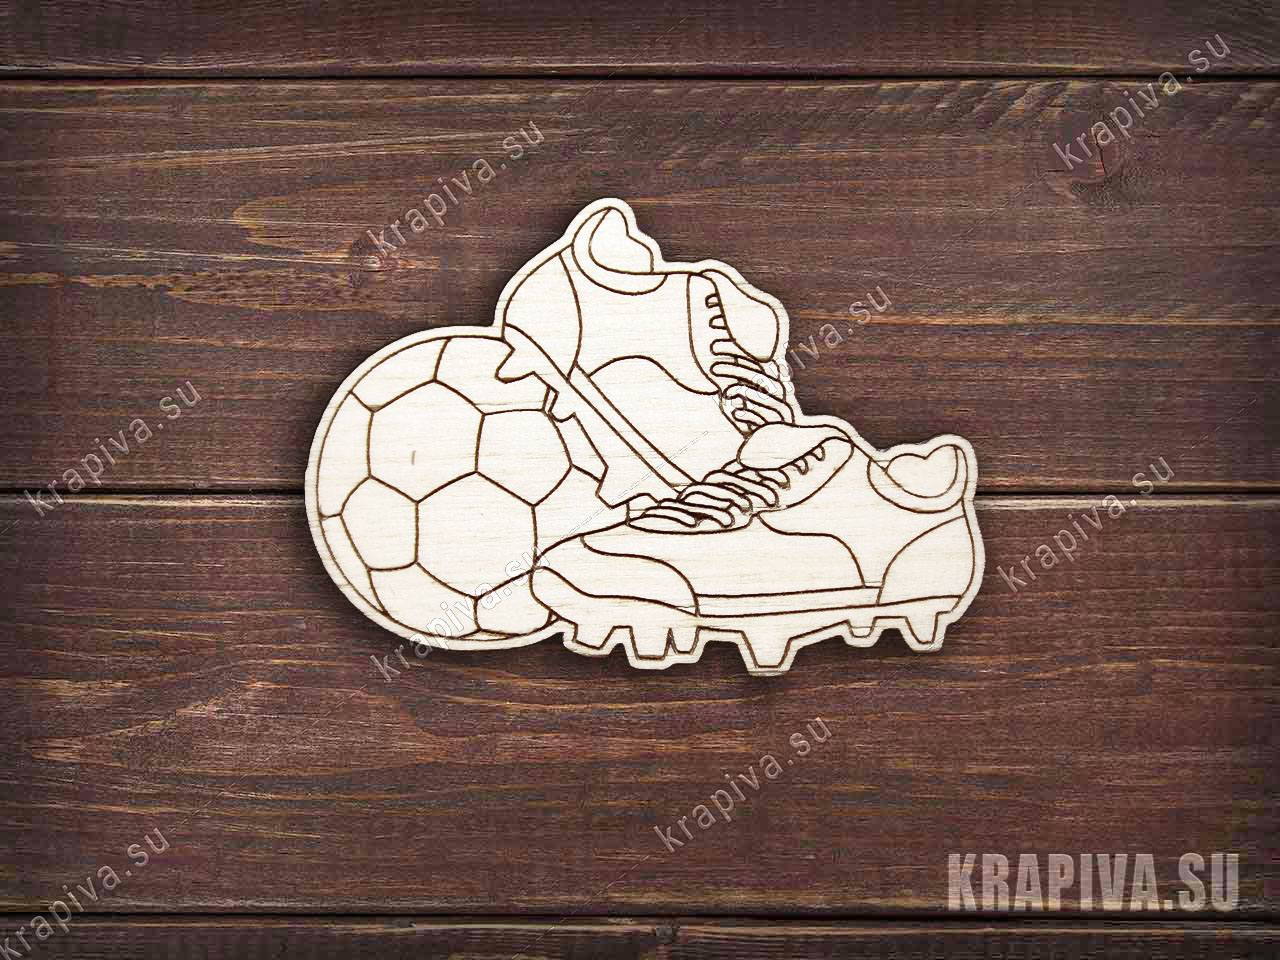 Деревянная заготовка значка Мяч с бутсами (krapiva.su)